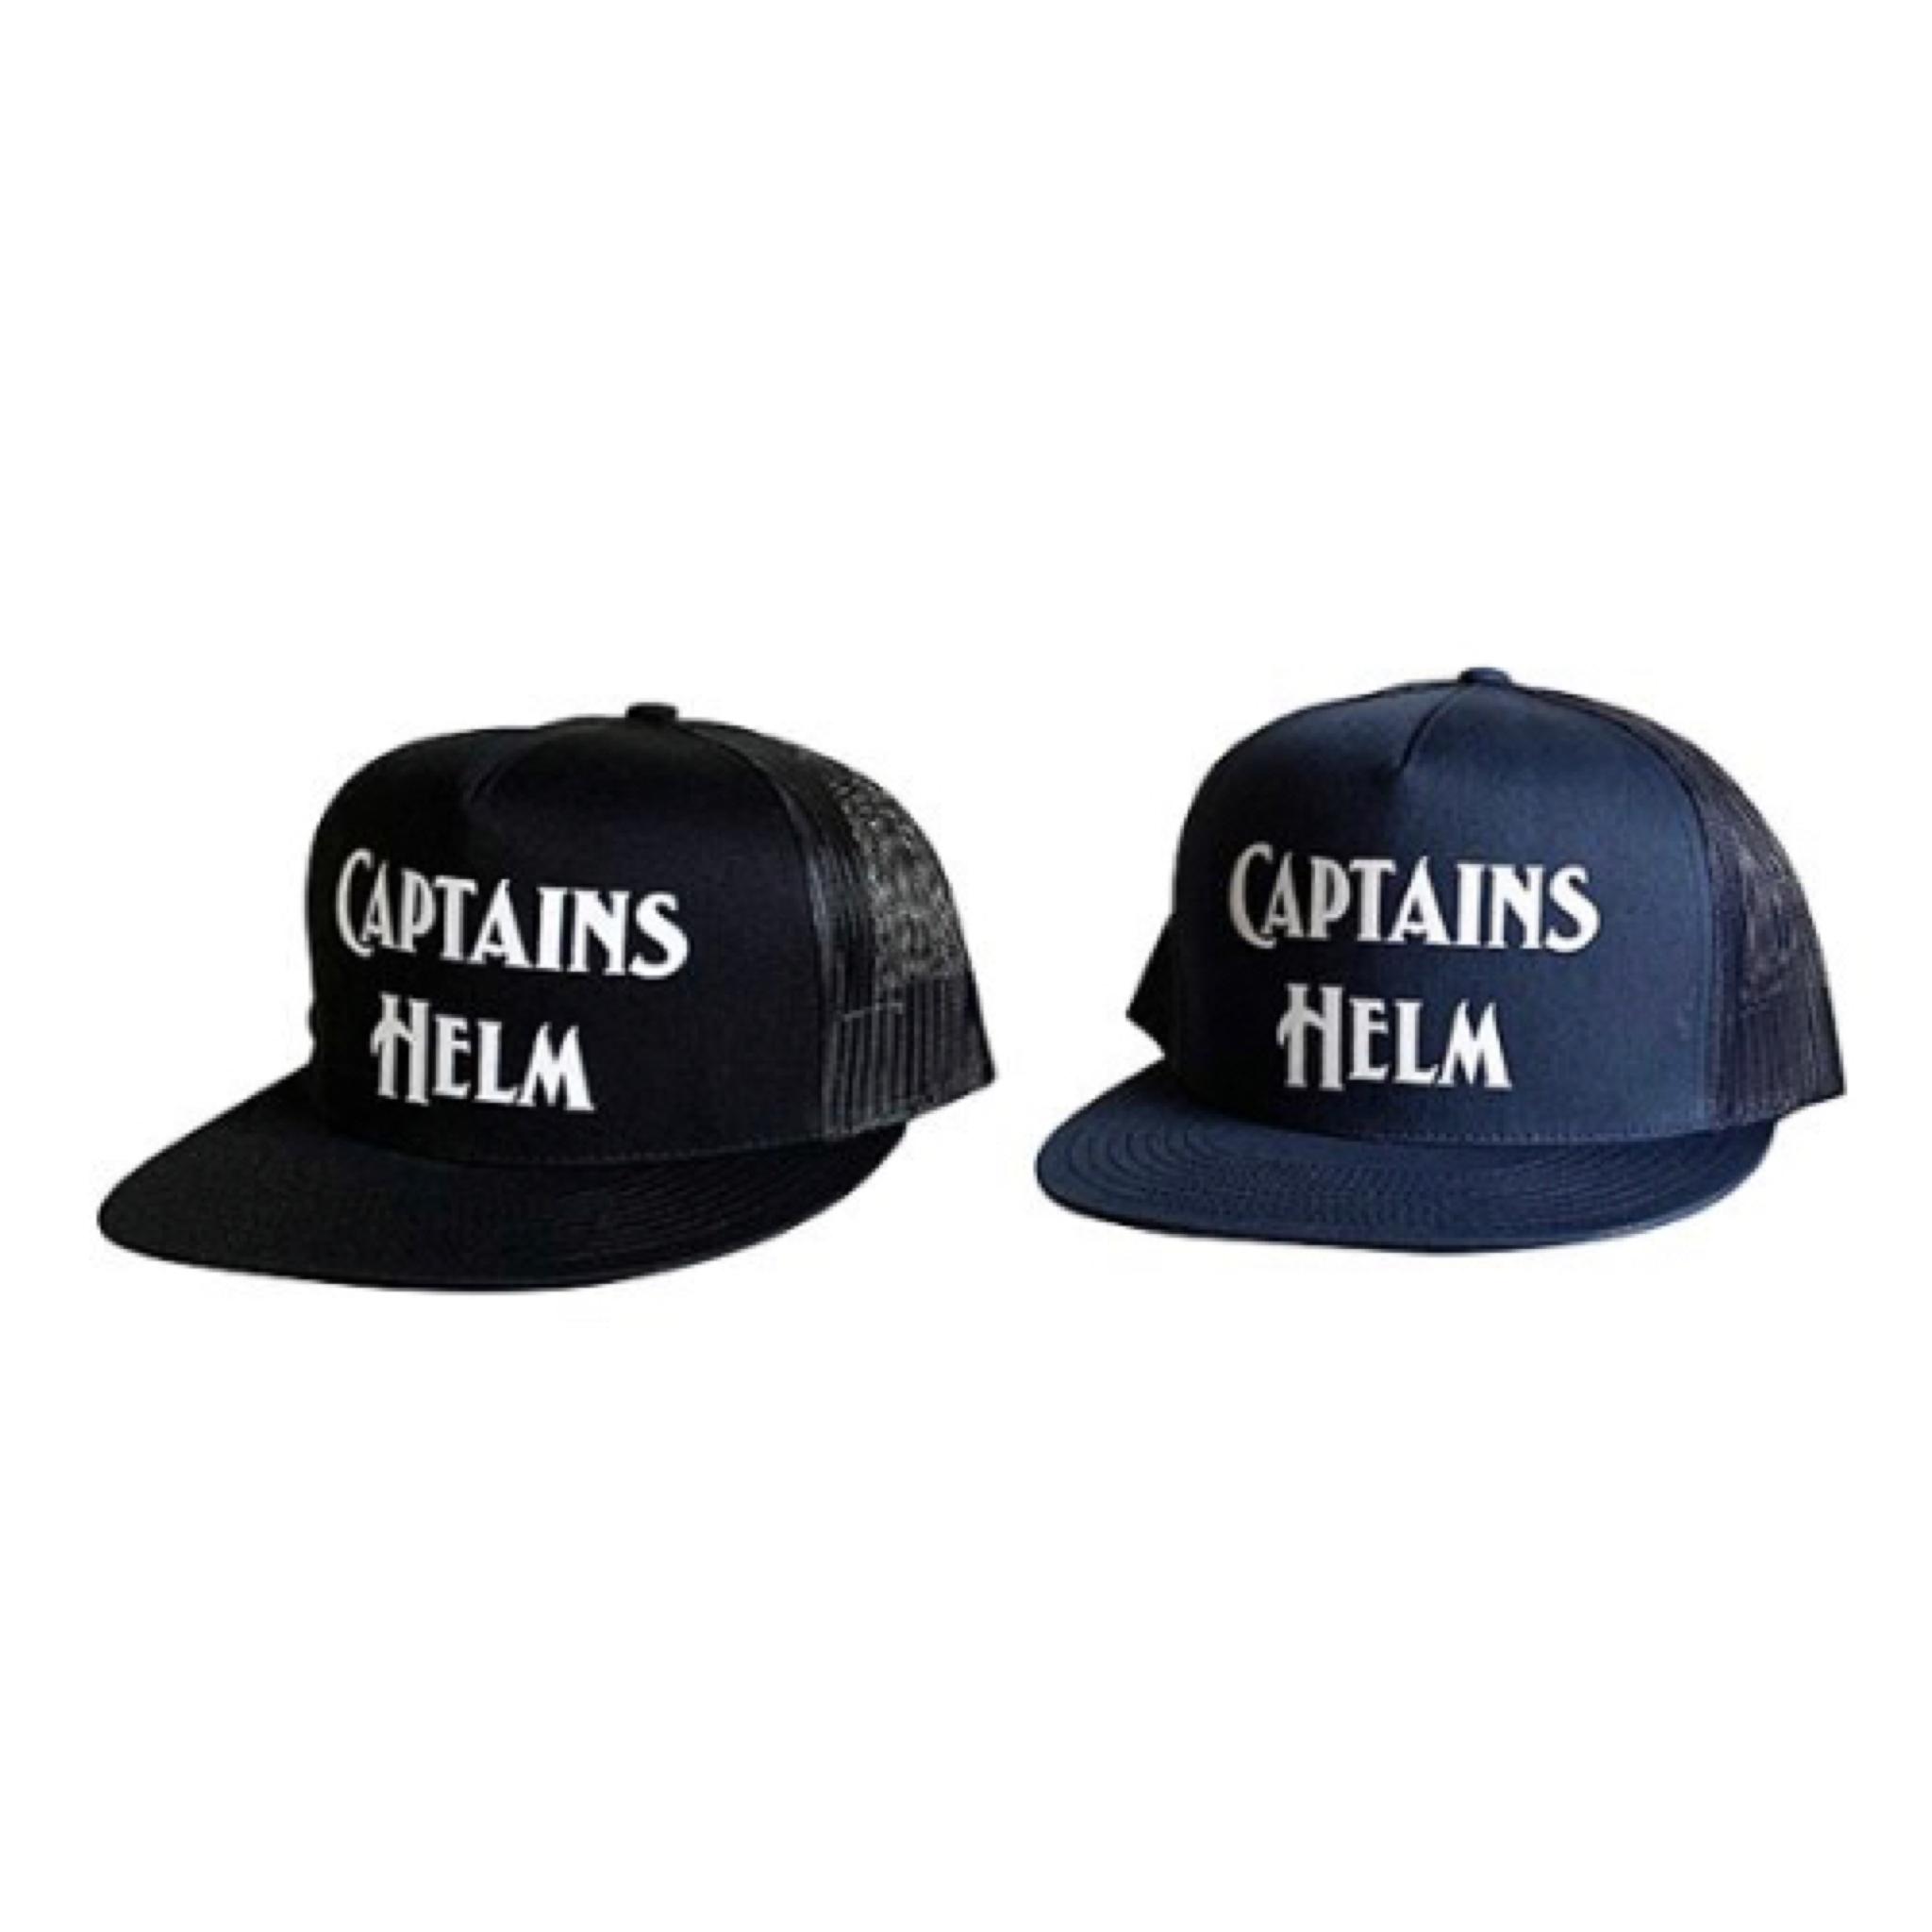 CAPTAINS HELM #Logo Mesh Cap